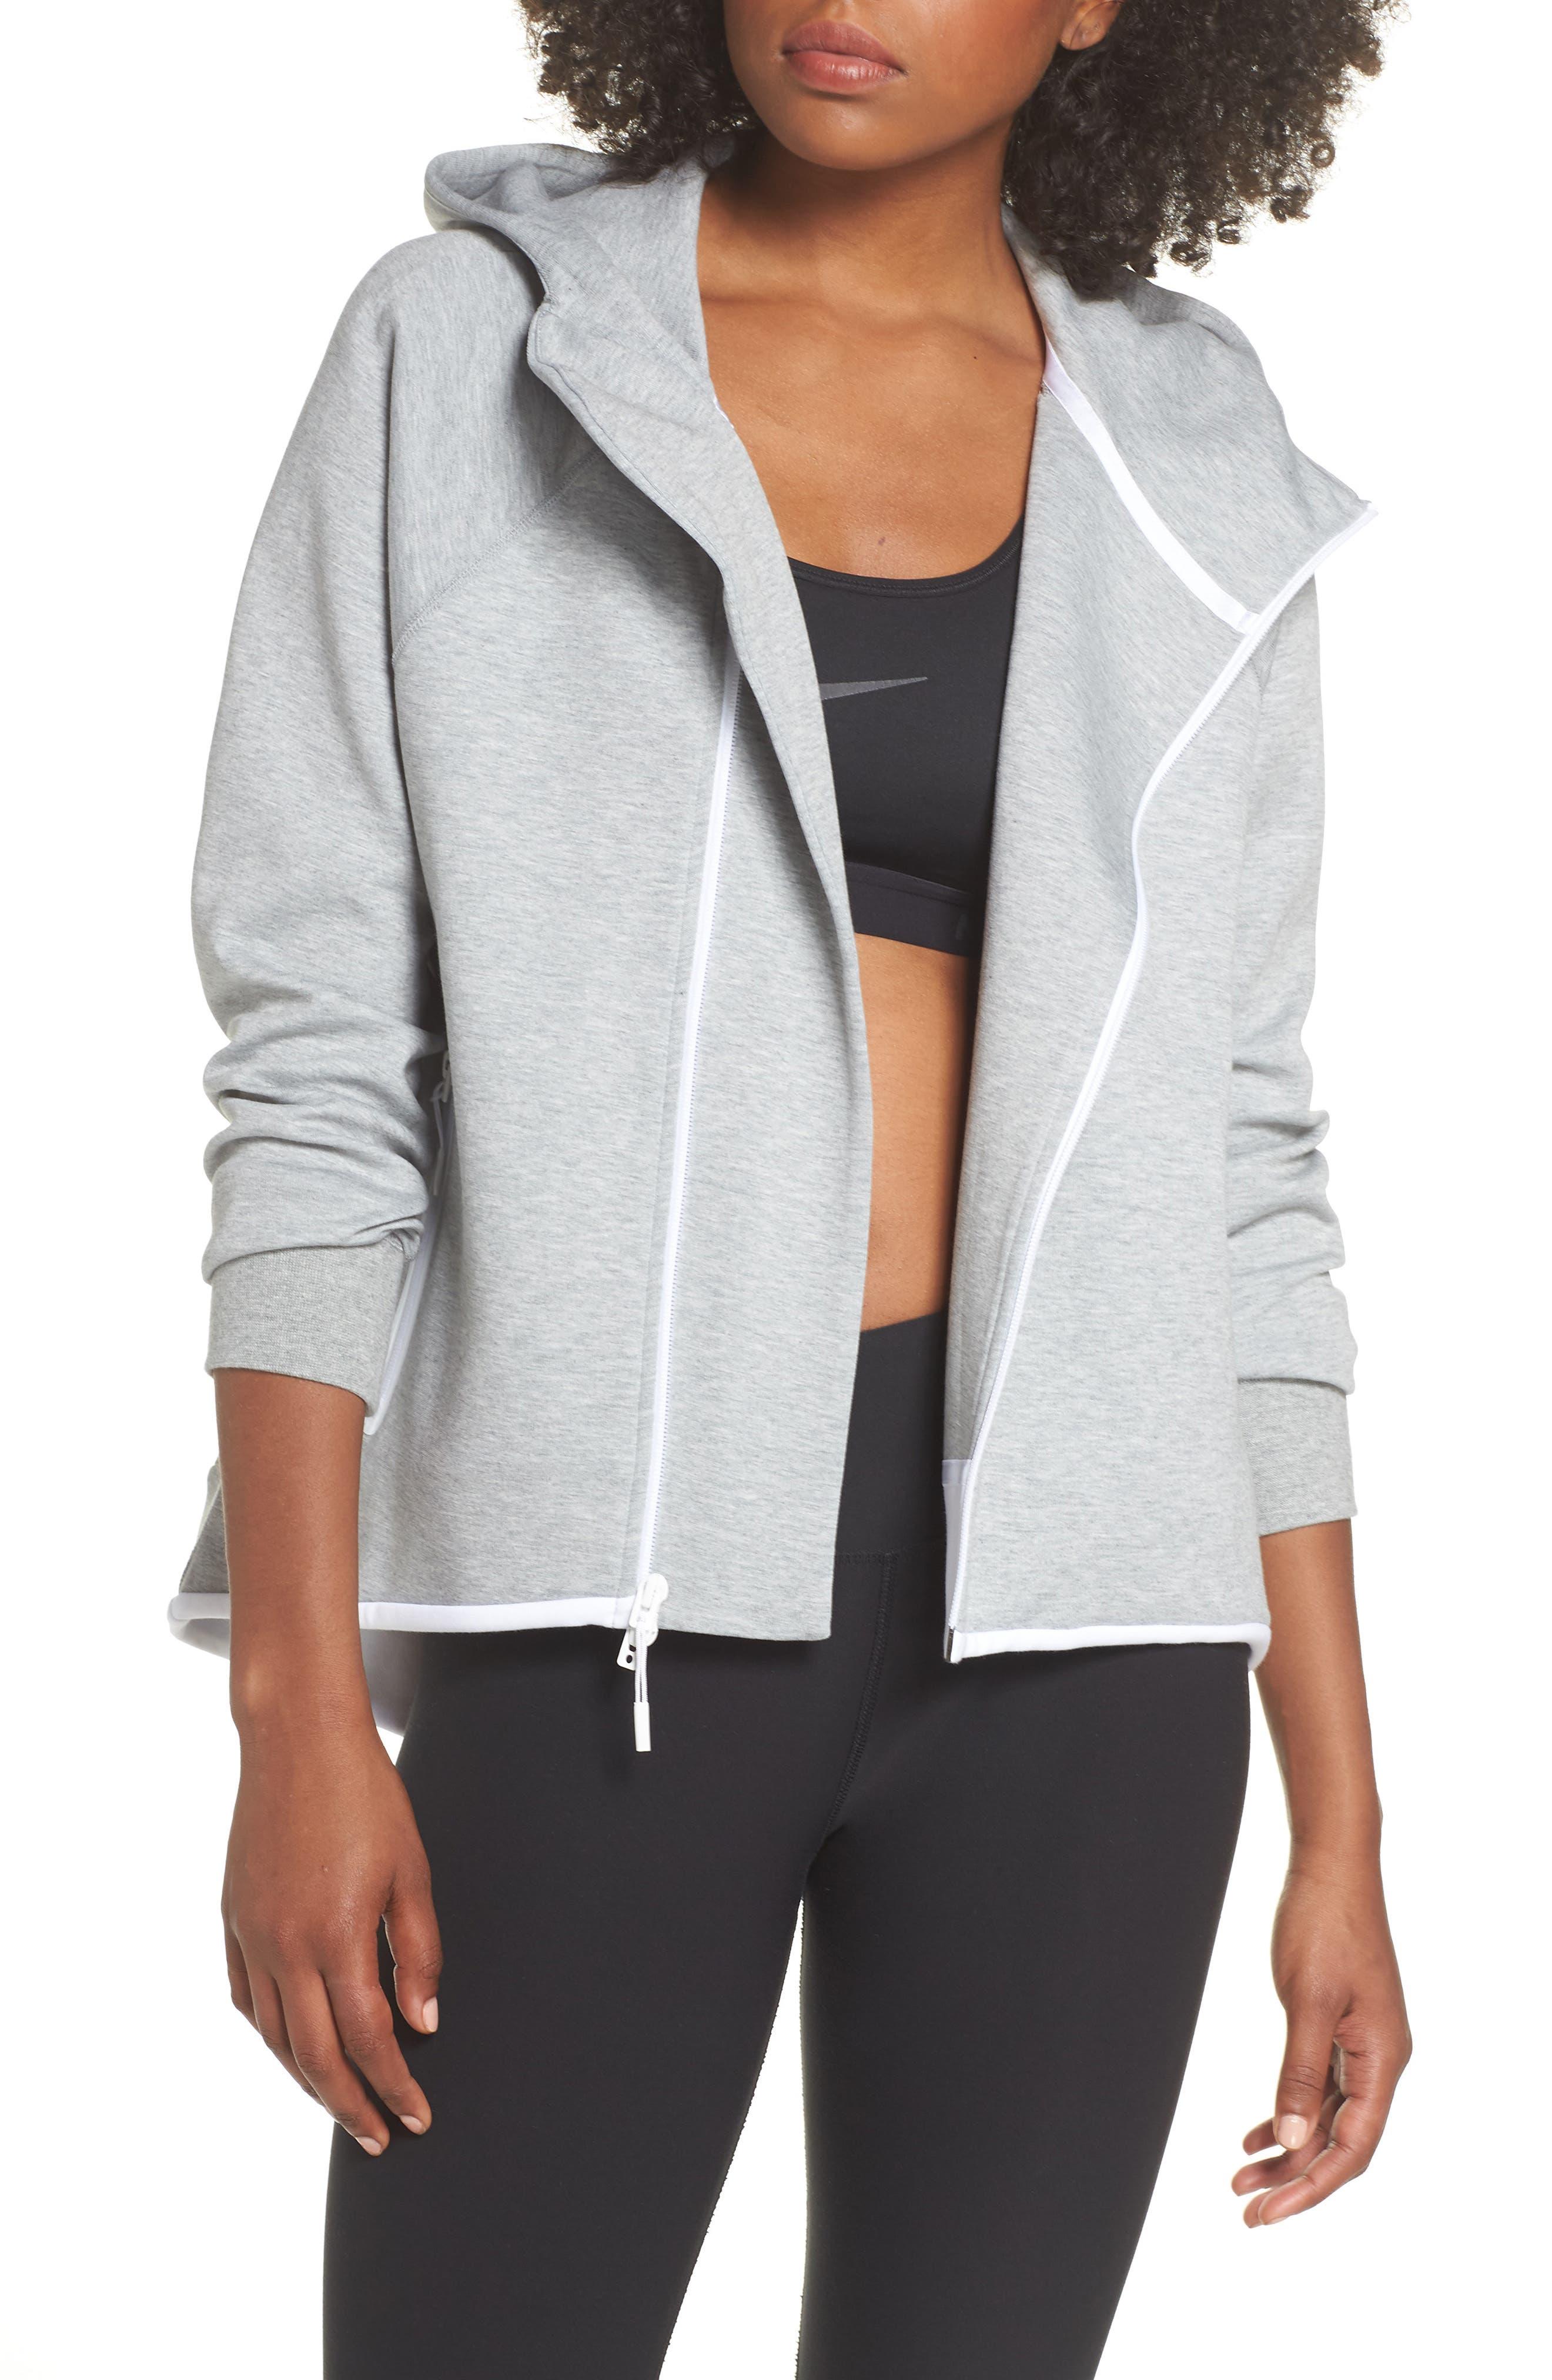 Sportswear Tech Fleece Cape Jacket,                         Main,                         color, DARK GREY HEATHER/ WHITE